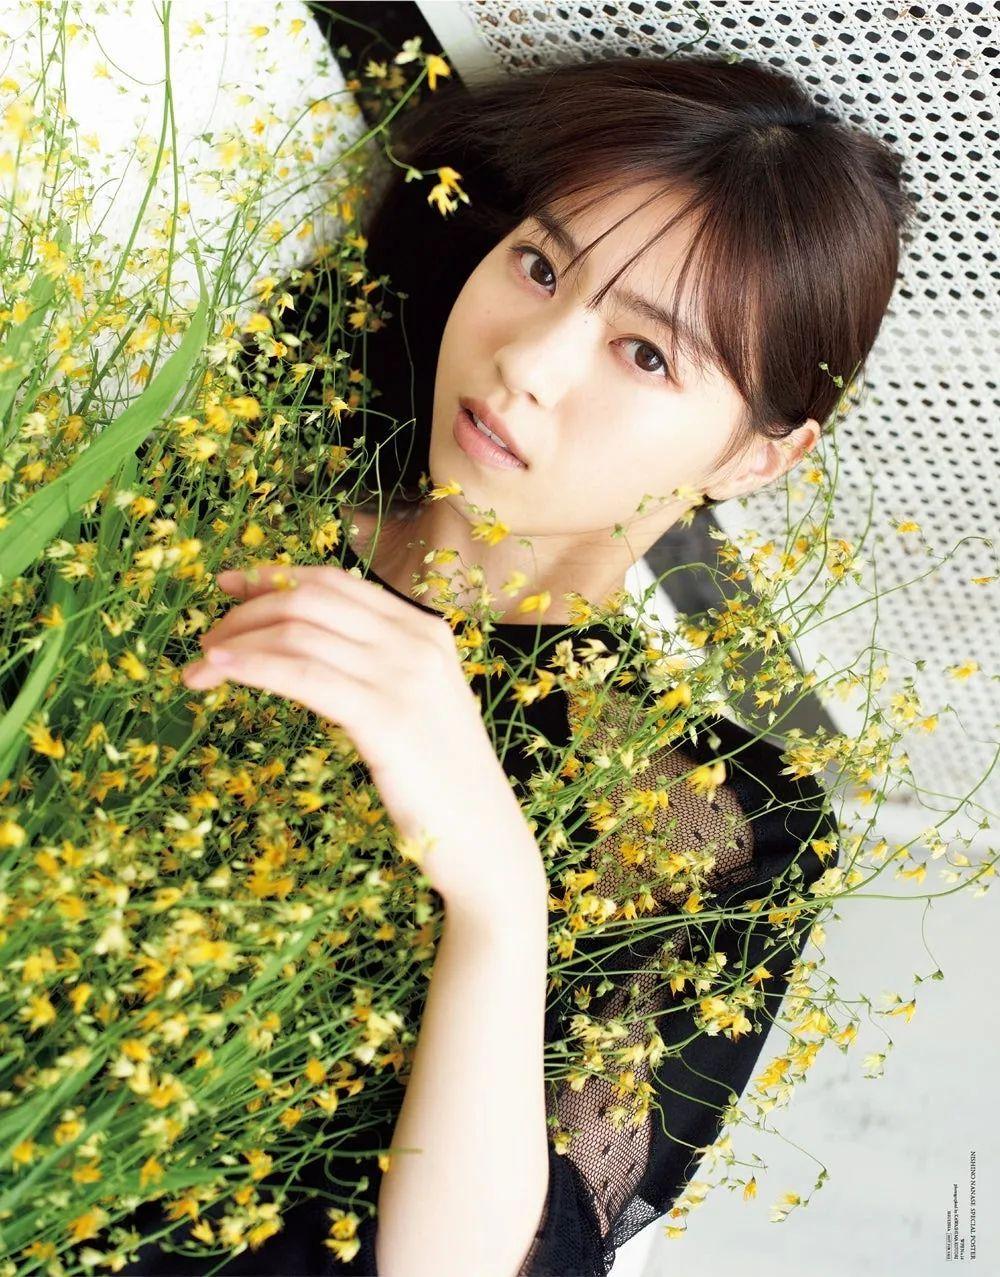 西野七濑『Because a flower』-有意思吧